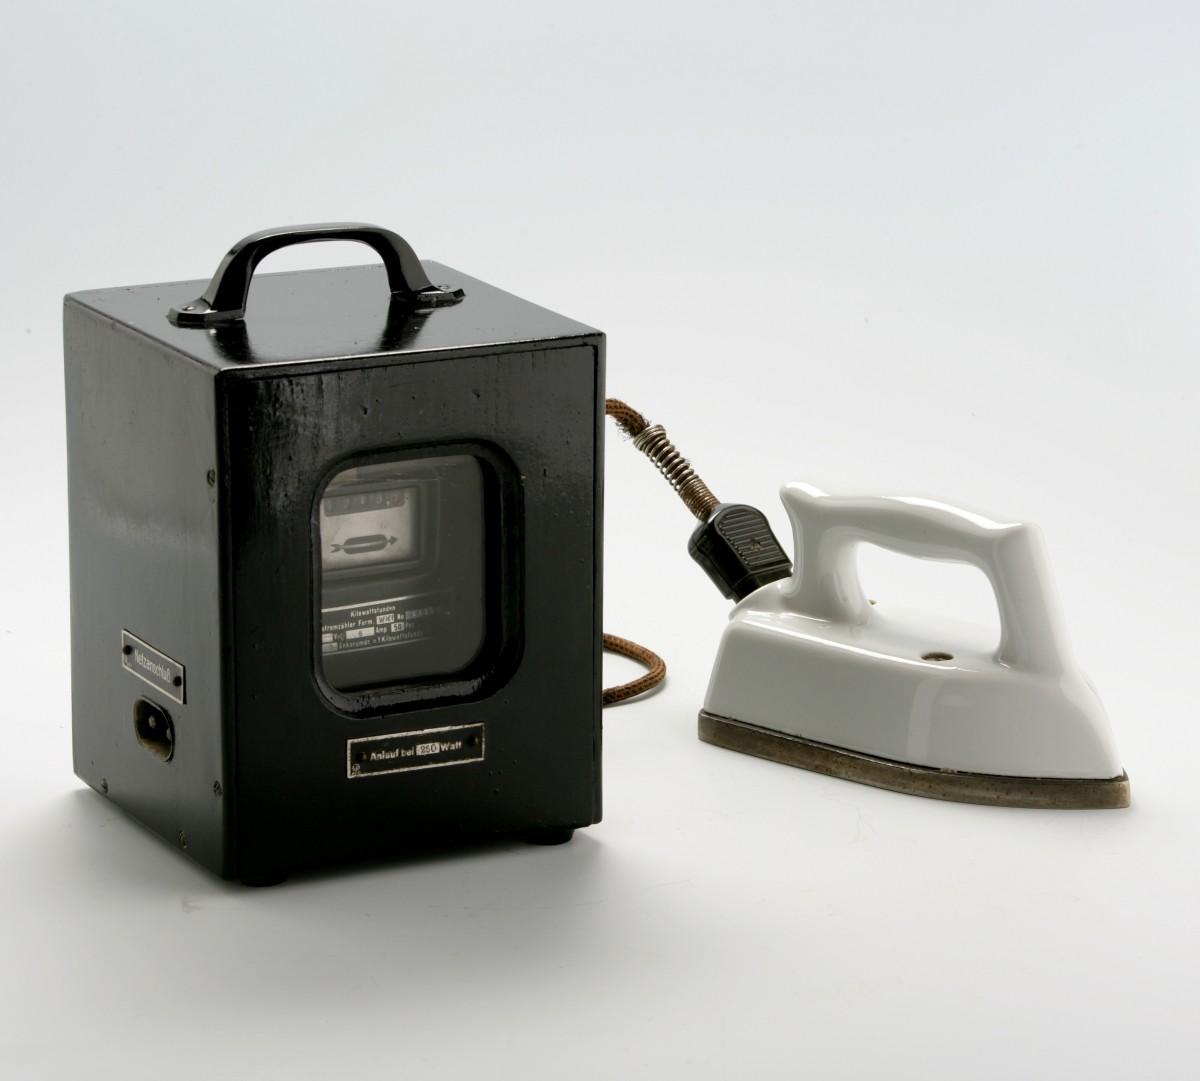 Tragbarer Plättzähler mit Porzellanbügeleisen aus den 1920er Jahren